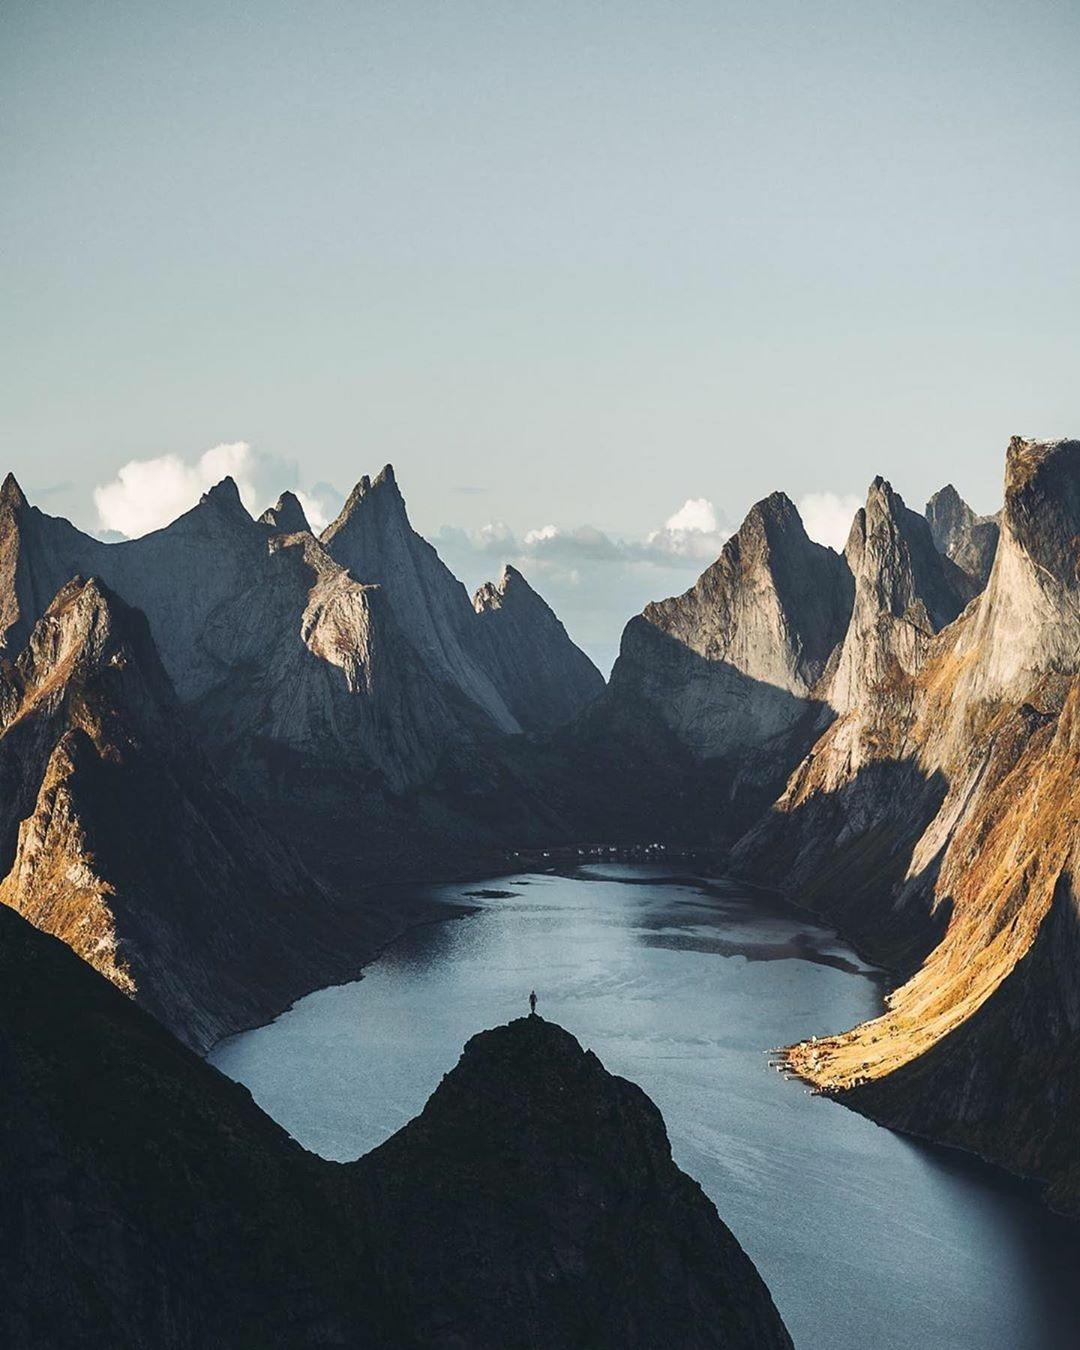 man standing on ridge near mountain lake